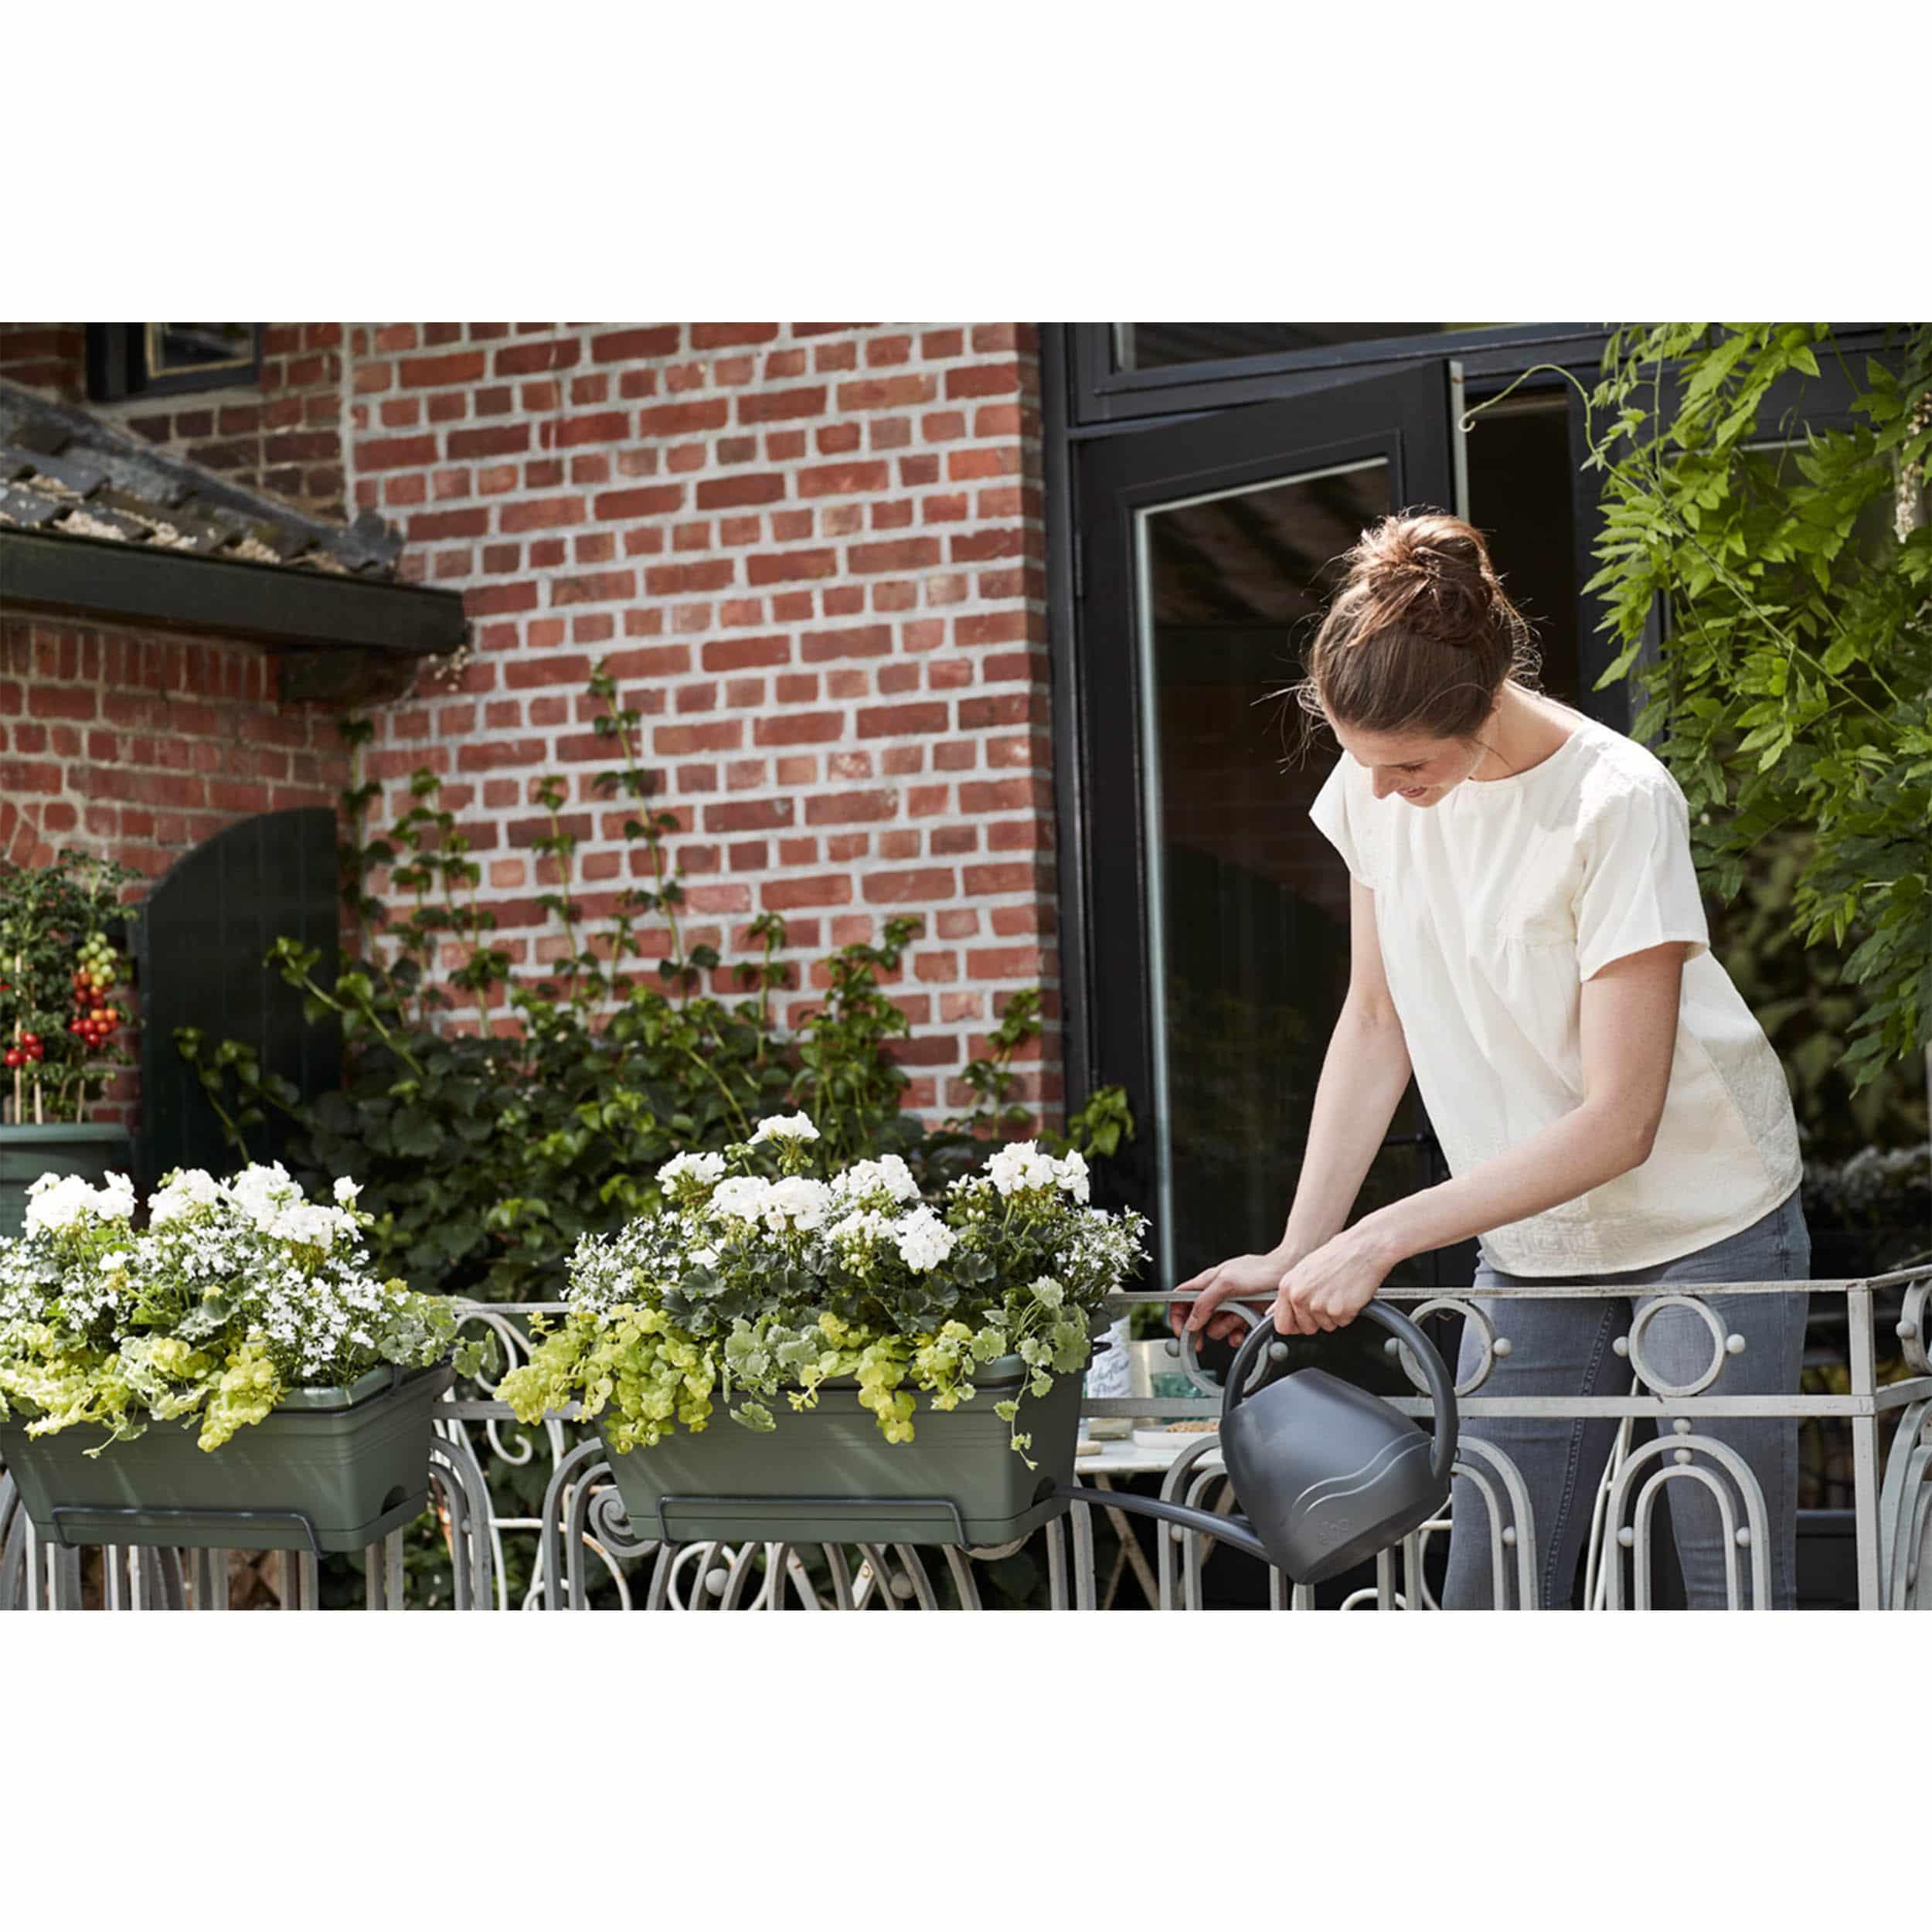 Blumenkasten Green Basics XL All-in-One 55 cm laubgrün